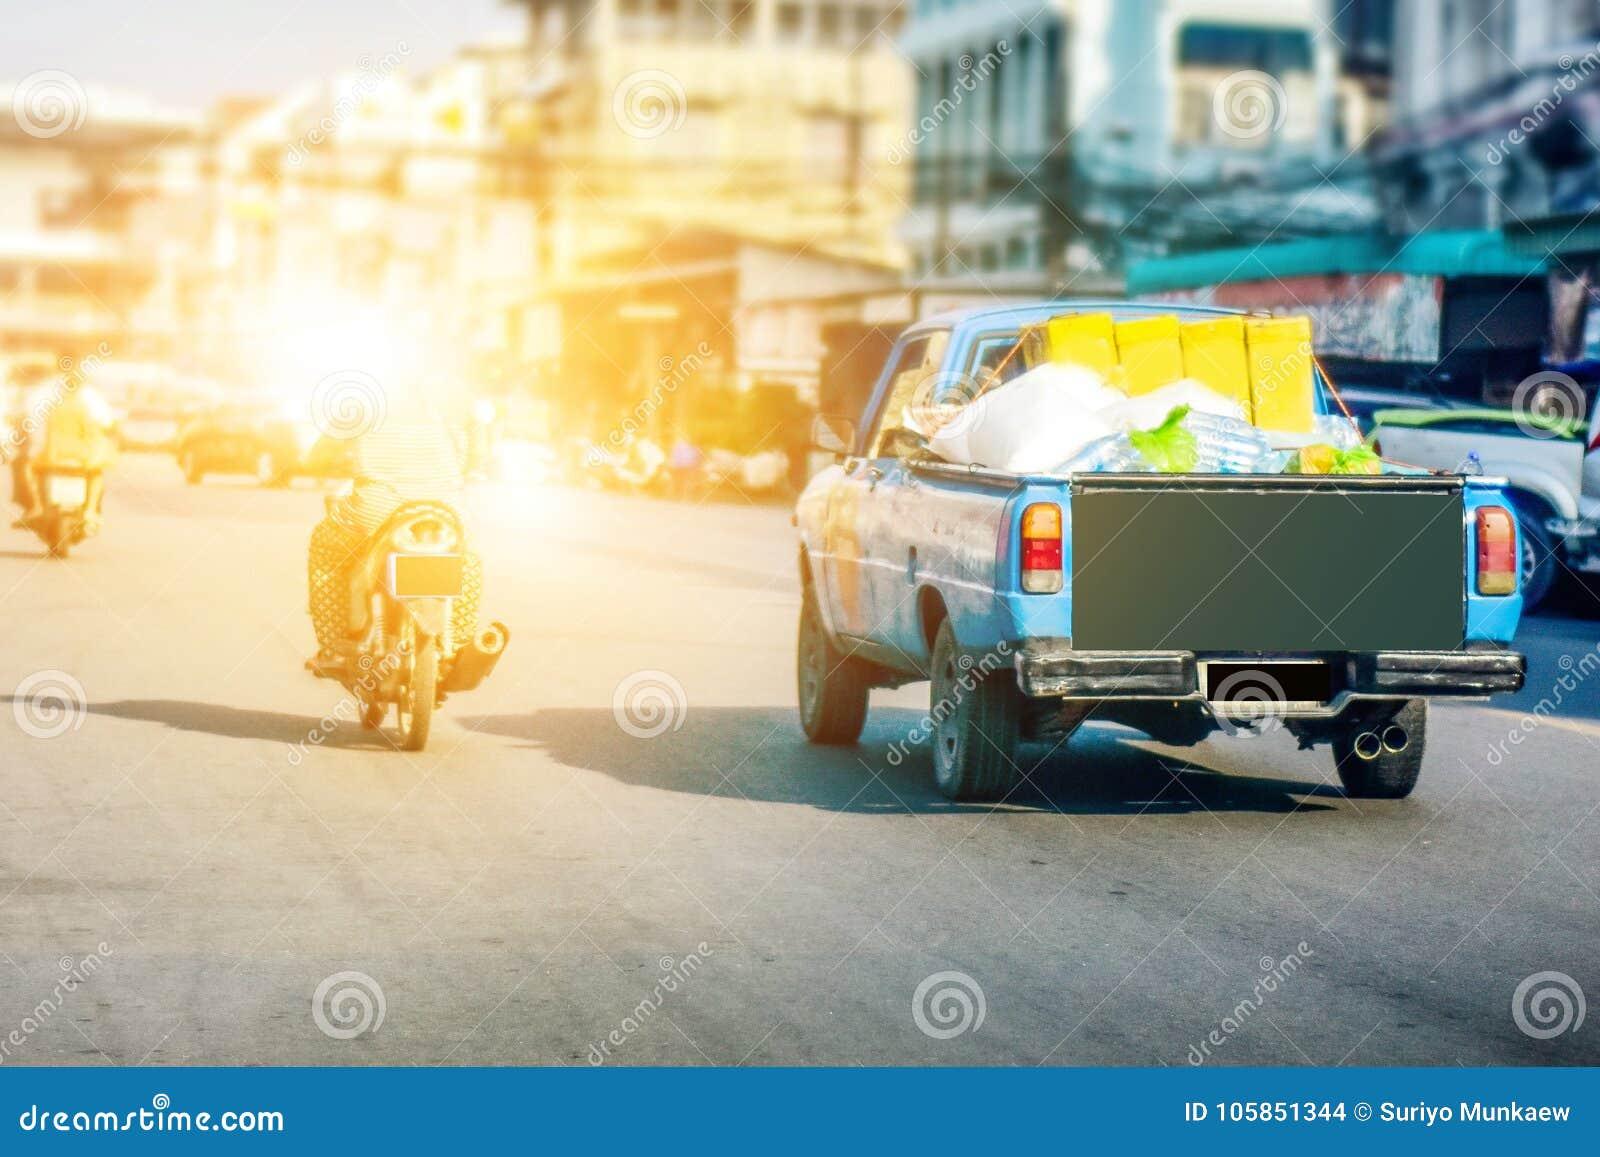 Samochód ciężarówka parkująca na drodze